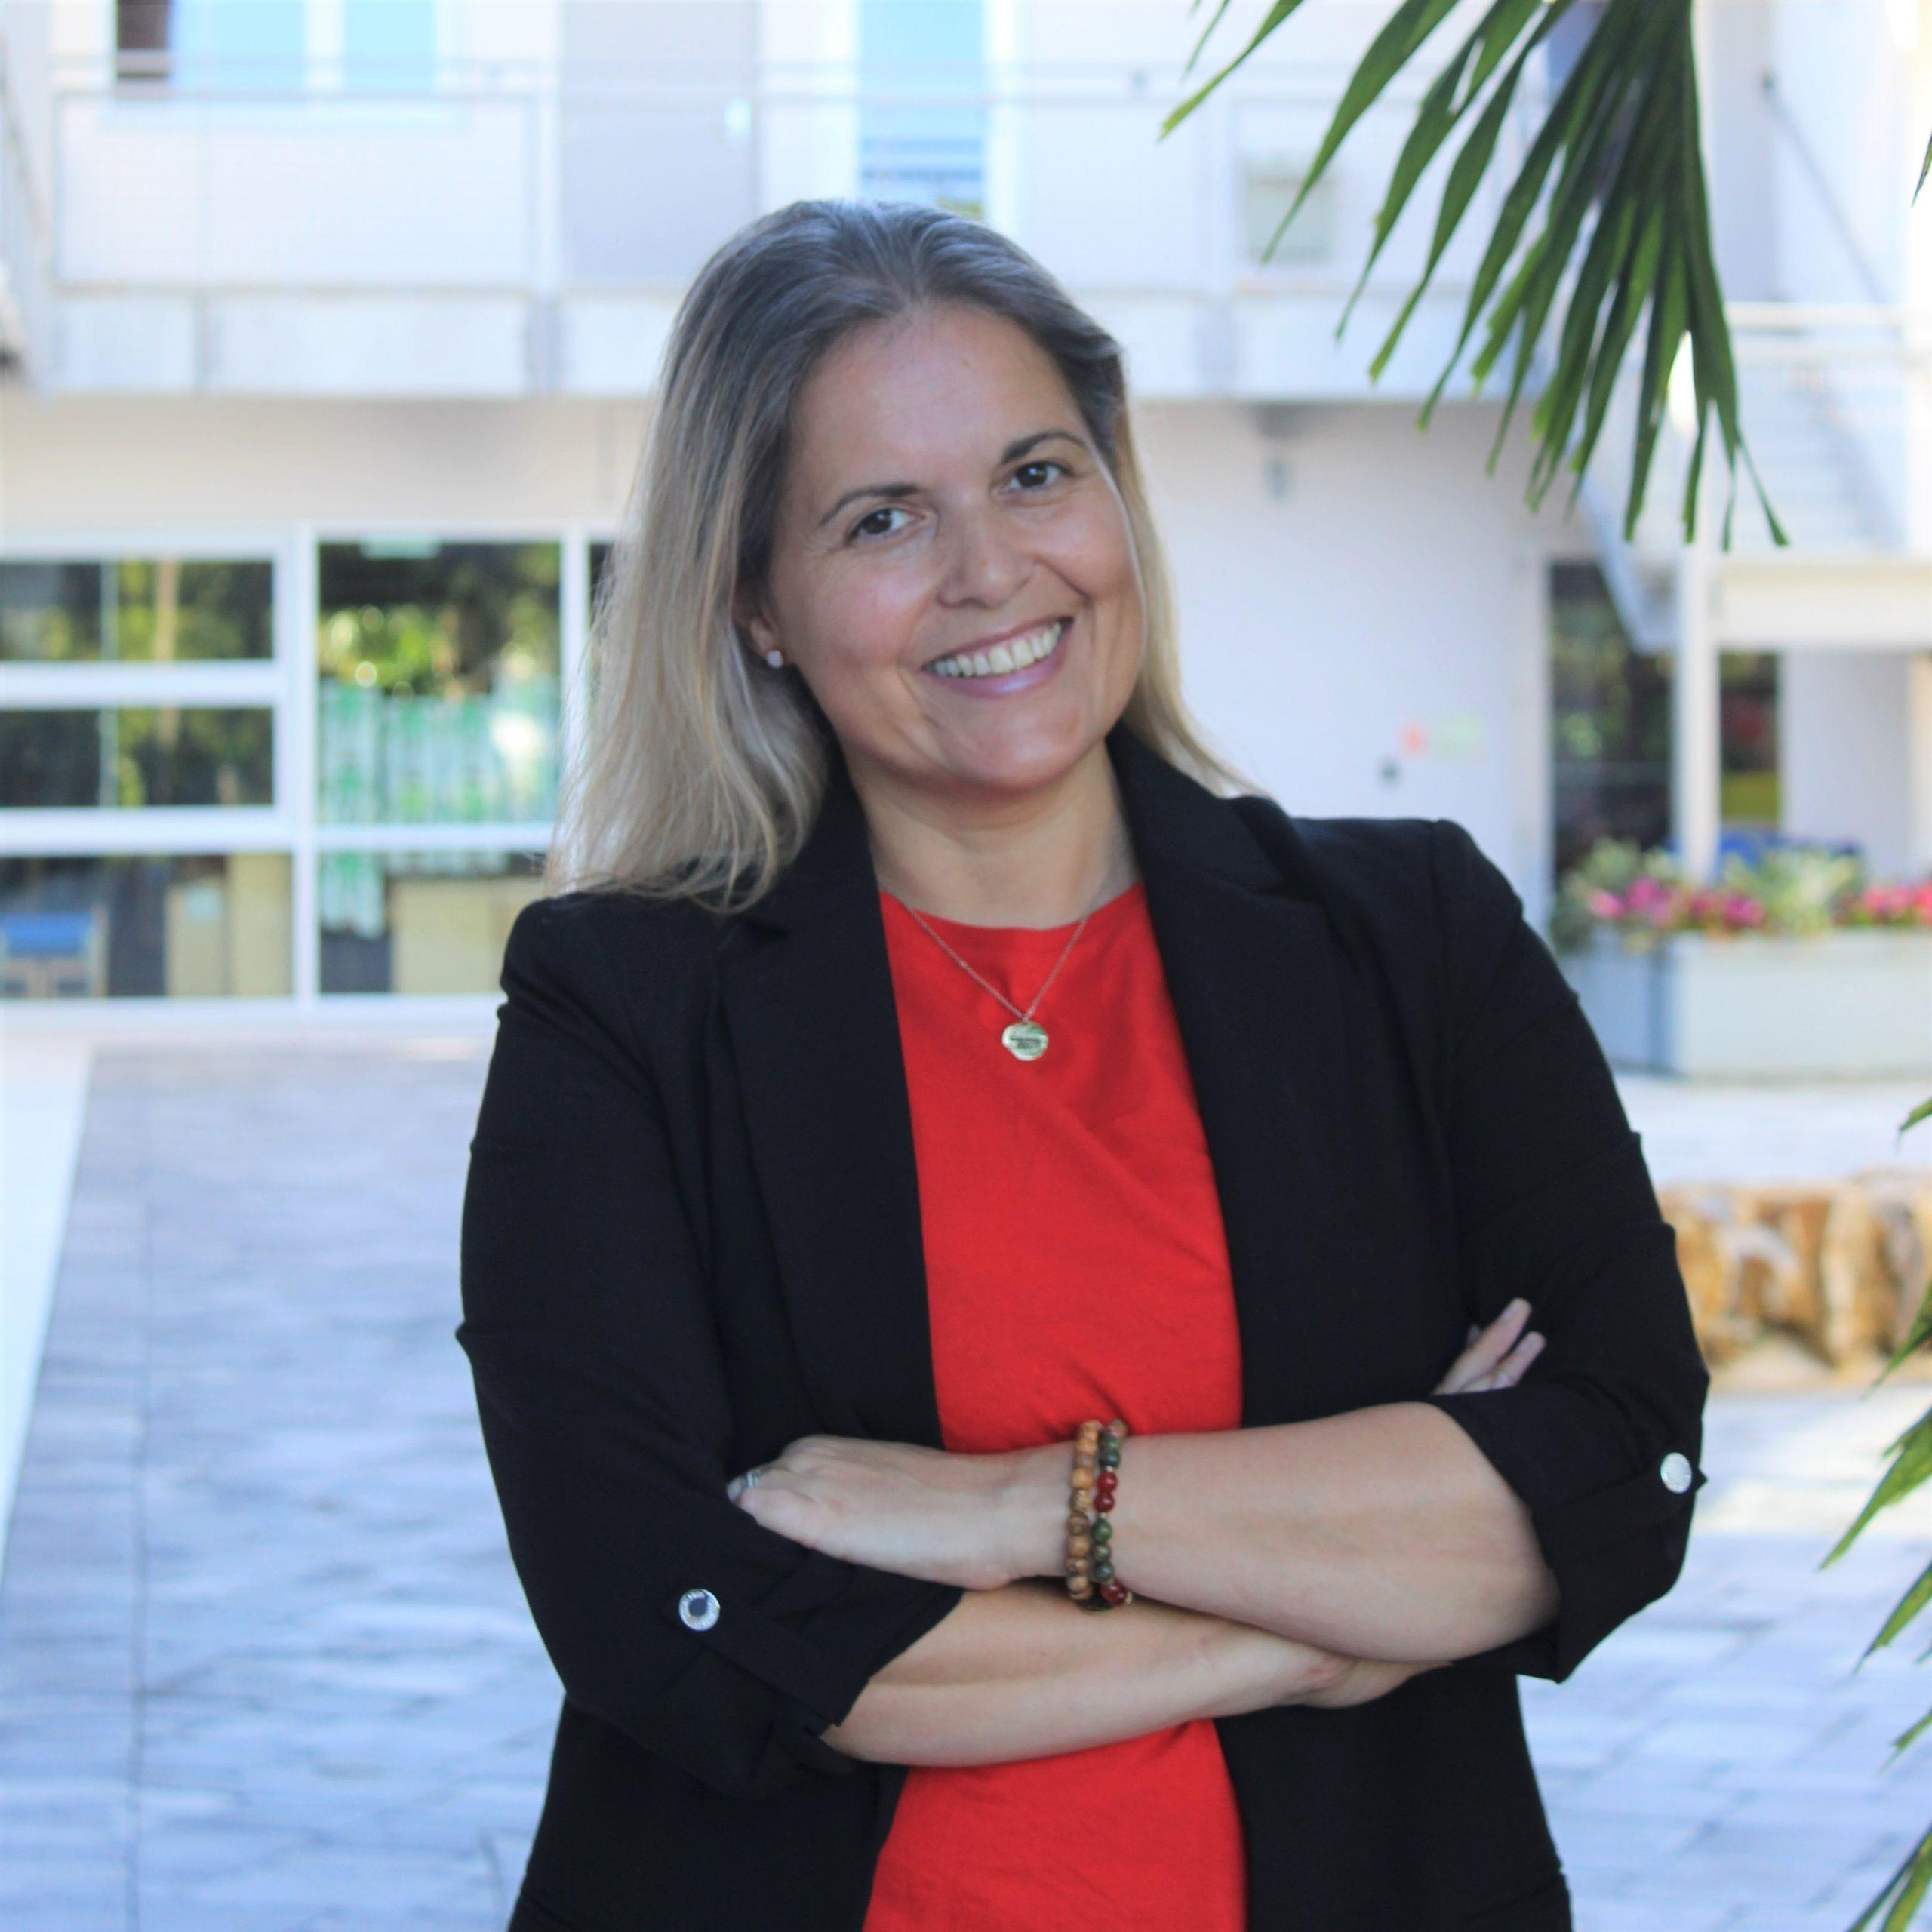 Arlene Mendez